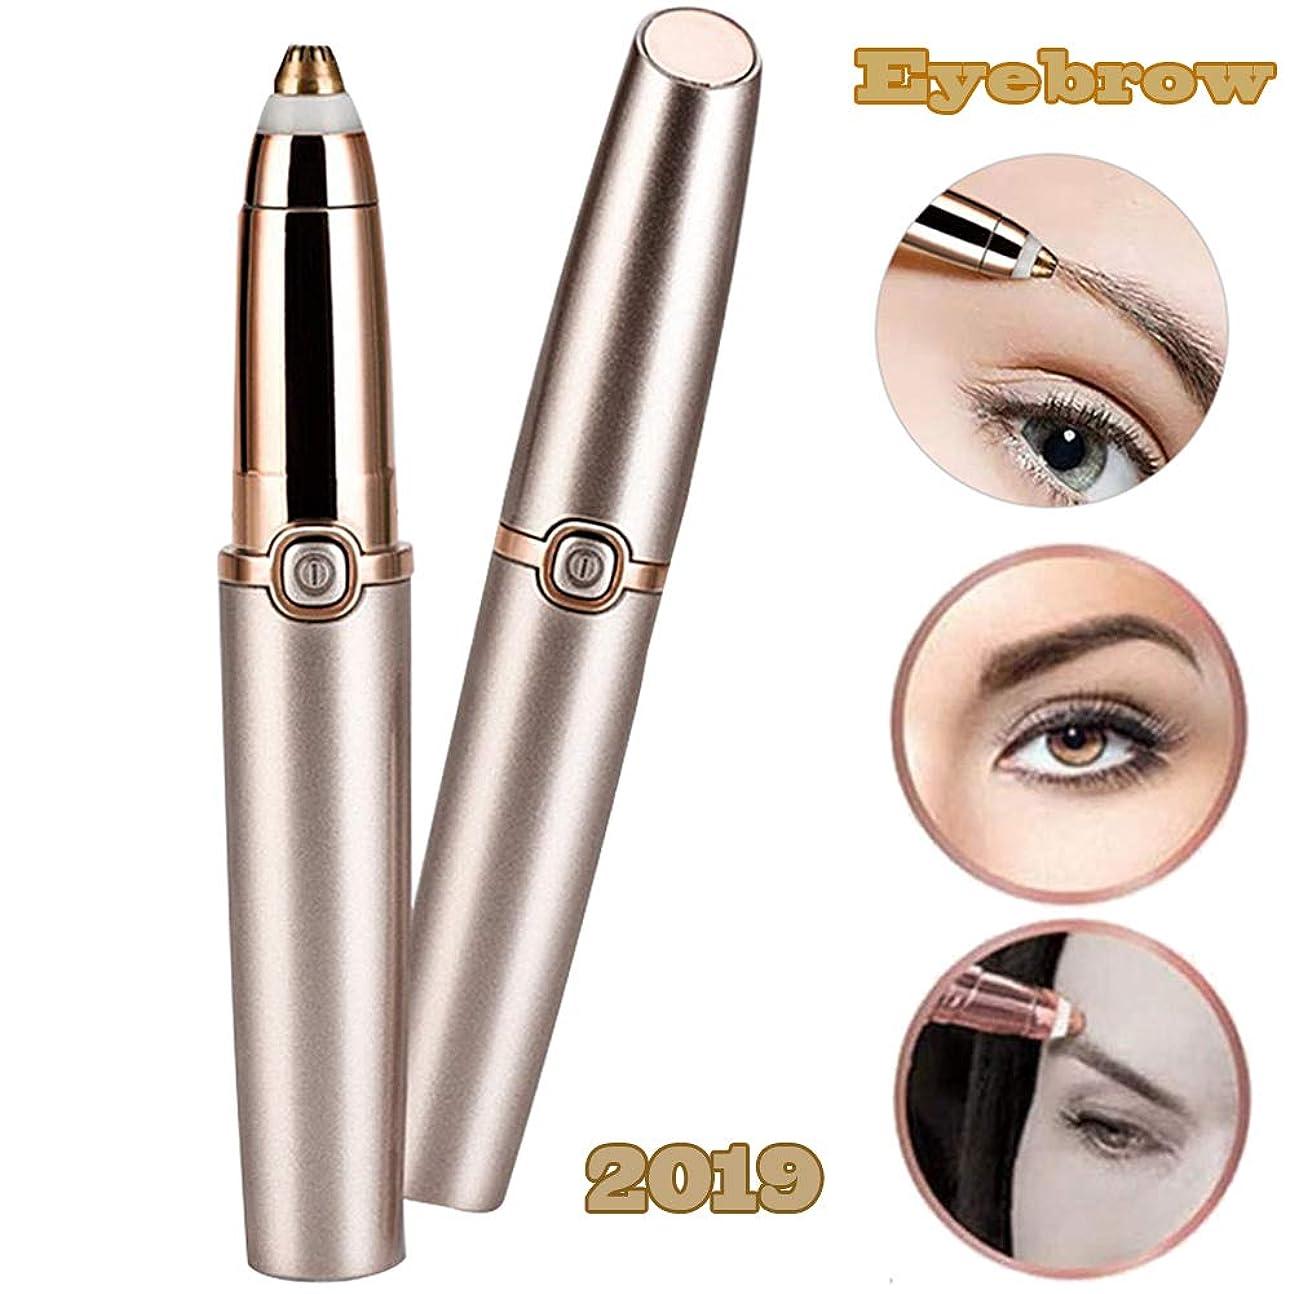 中にアクションシェフ眉毛トリマー脱毛器2019 SinMer電動眉毛リムーバー女性用、携帯用痛みのない眉毛かみそり、ローズゴールド(電池は含まれていません)